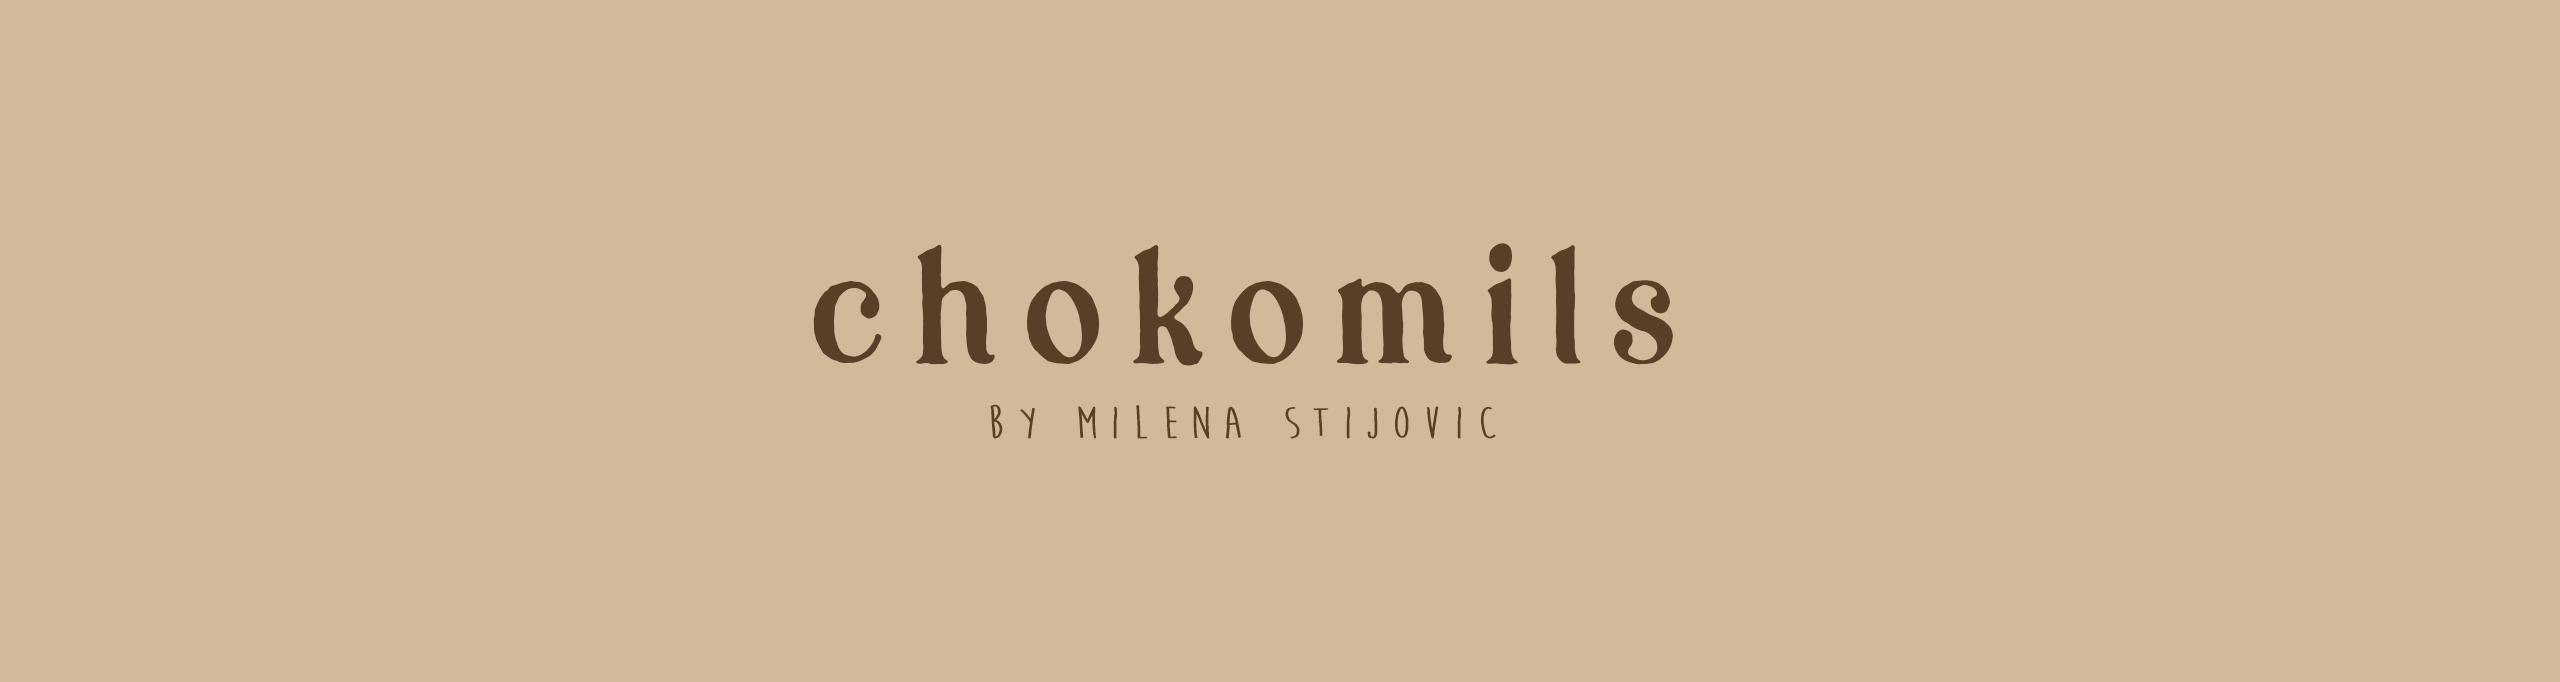 chokomils